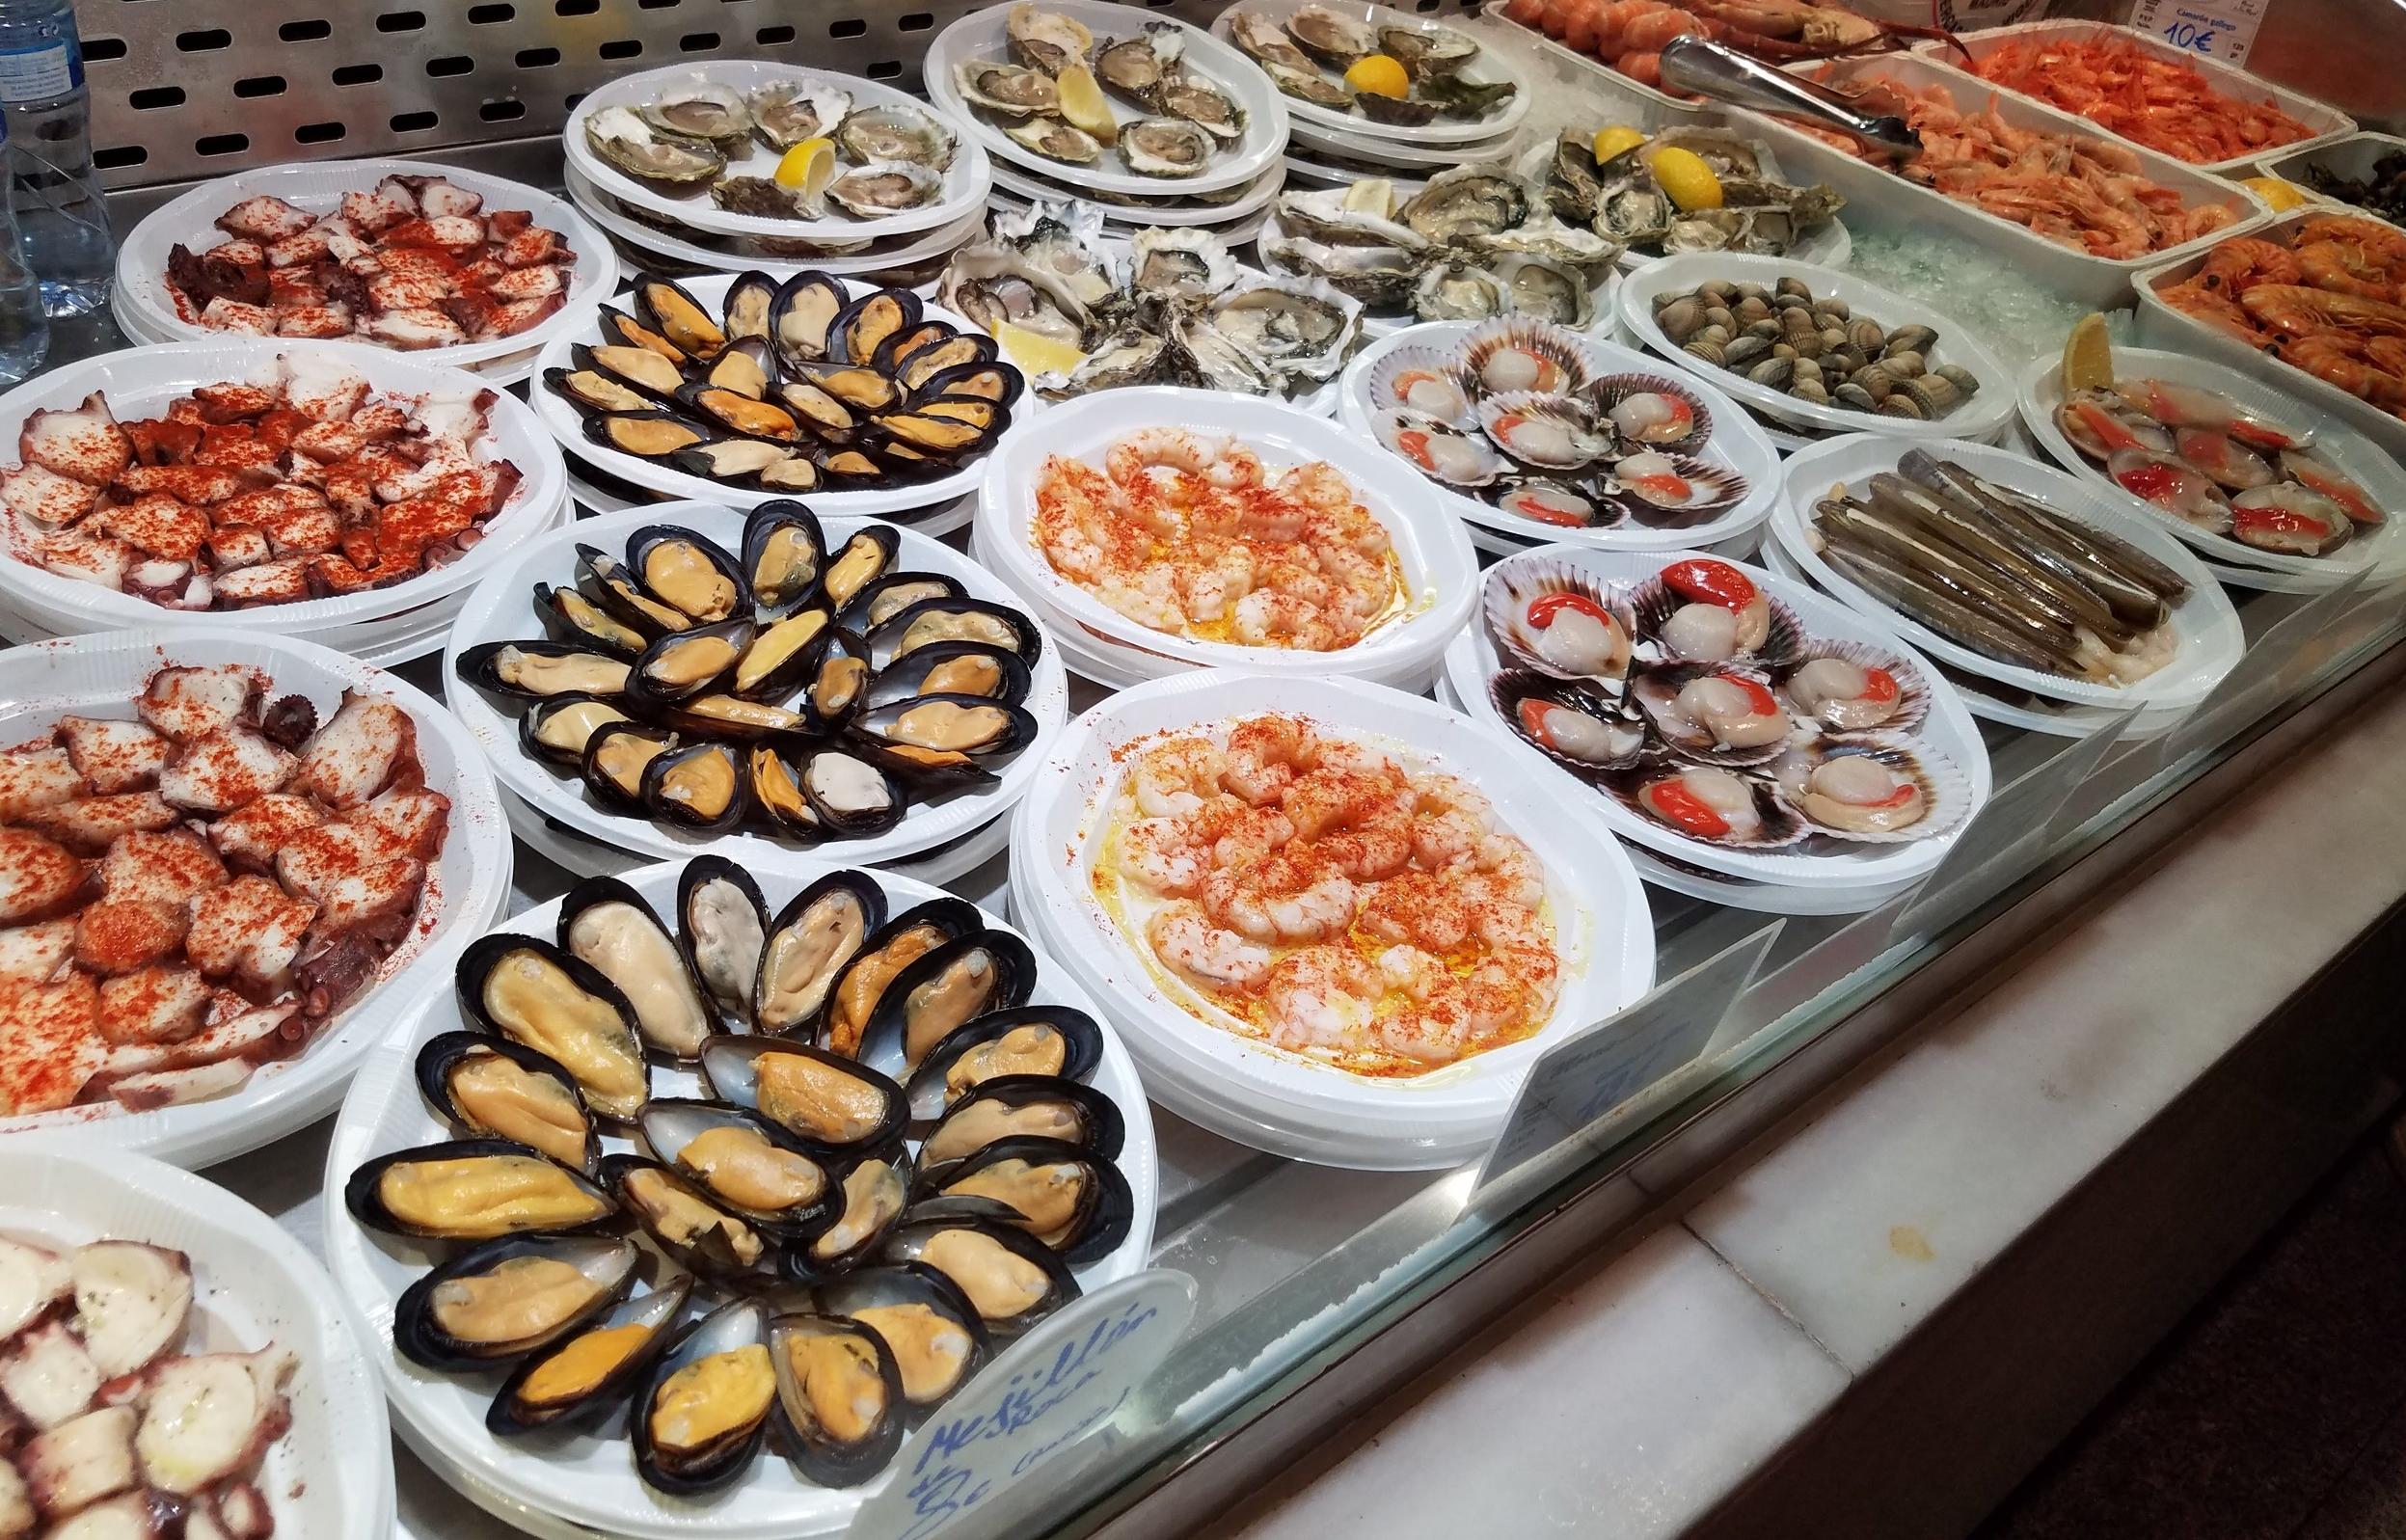 Seafood spread at Mercado de San Miguel